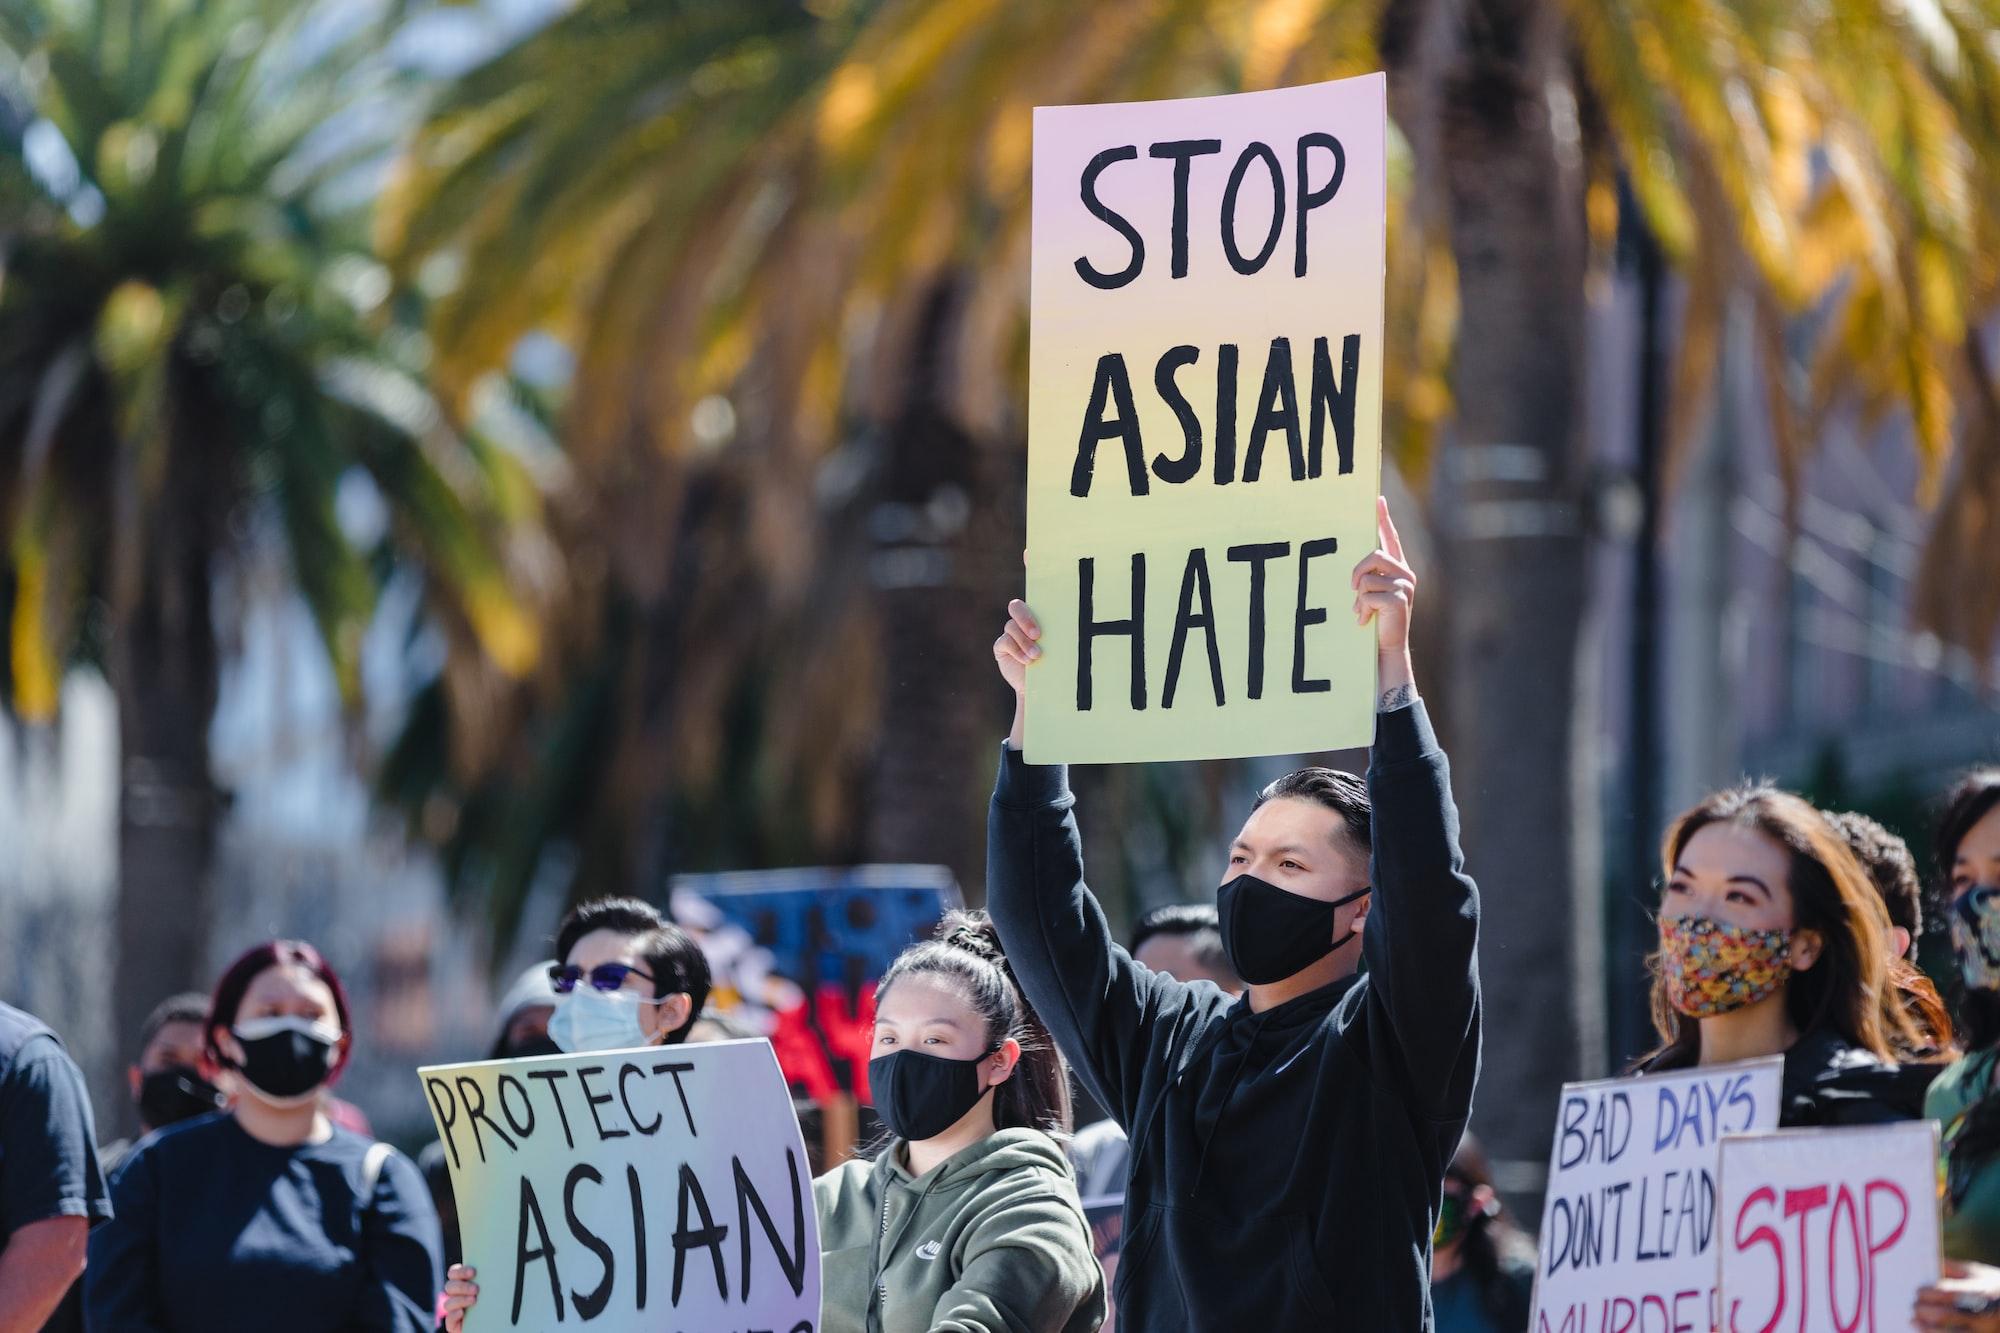 美掀亞裔仇恨犯罪風潮 「比病毒可怕的是仇恨」